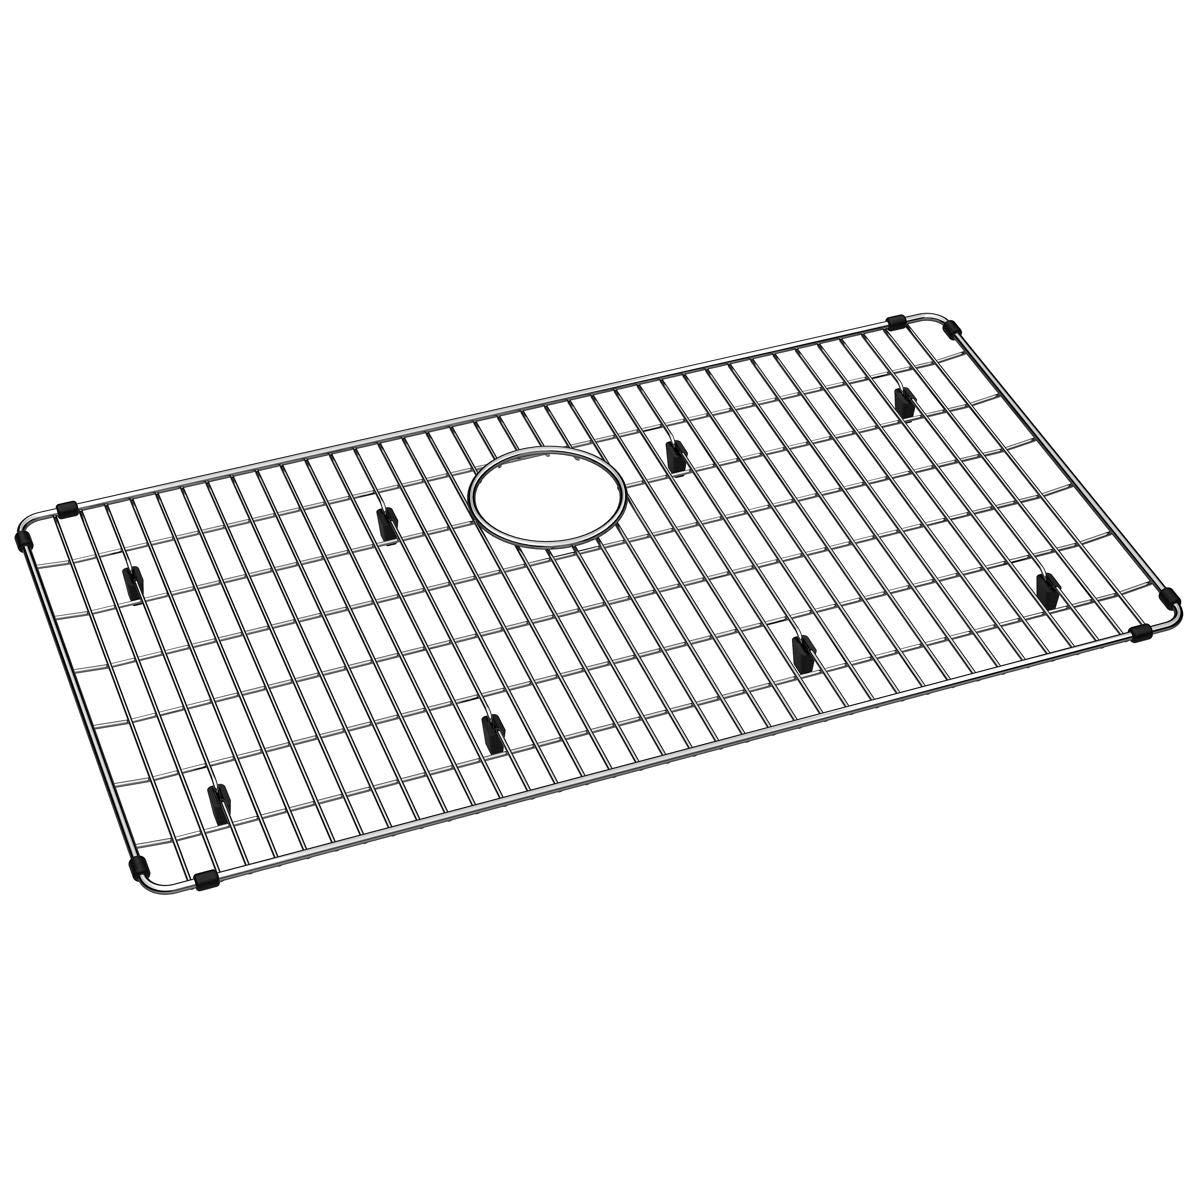 Elkay EBG2815 Stainless Steel Bottom Grid by Elkay (Image #3)